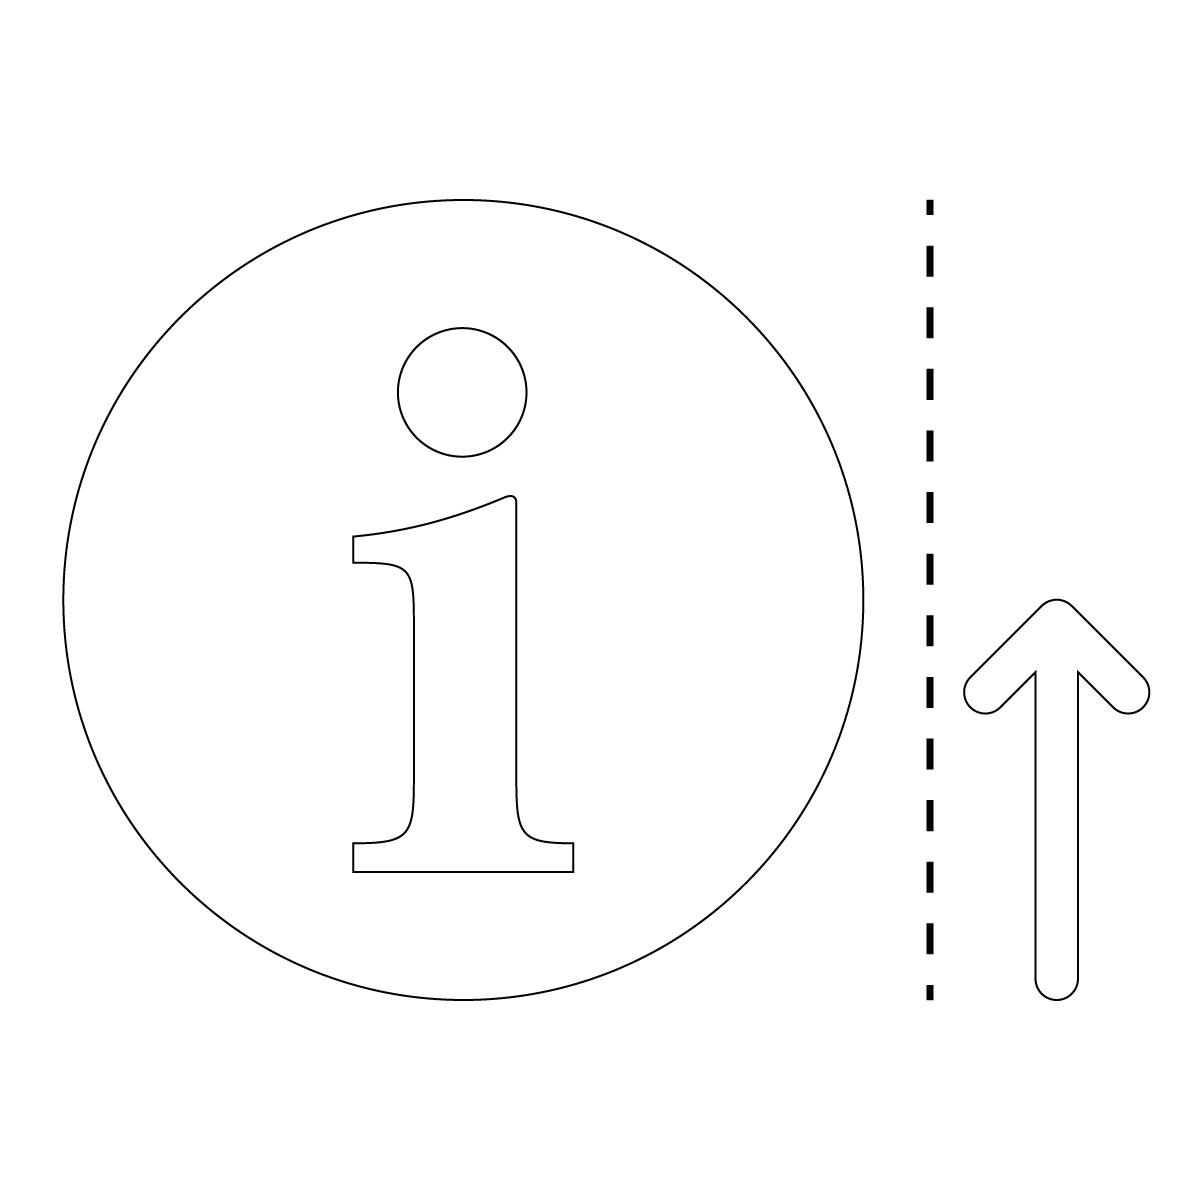 白色のインフォメーション・受付・案内所マーク(矢印付き)のカッティング ステッカー・シール 光沢タイプ・防水・耐水・屋外耐候3~4年